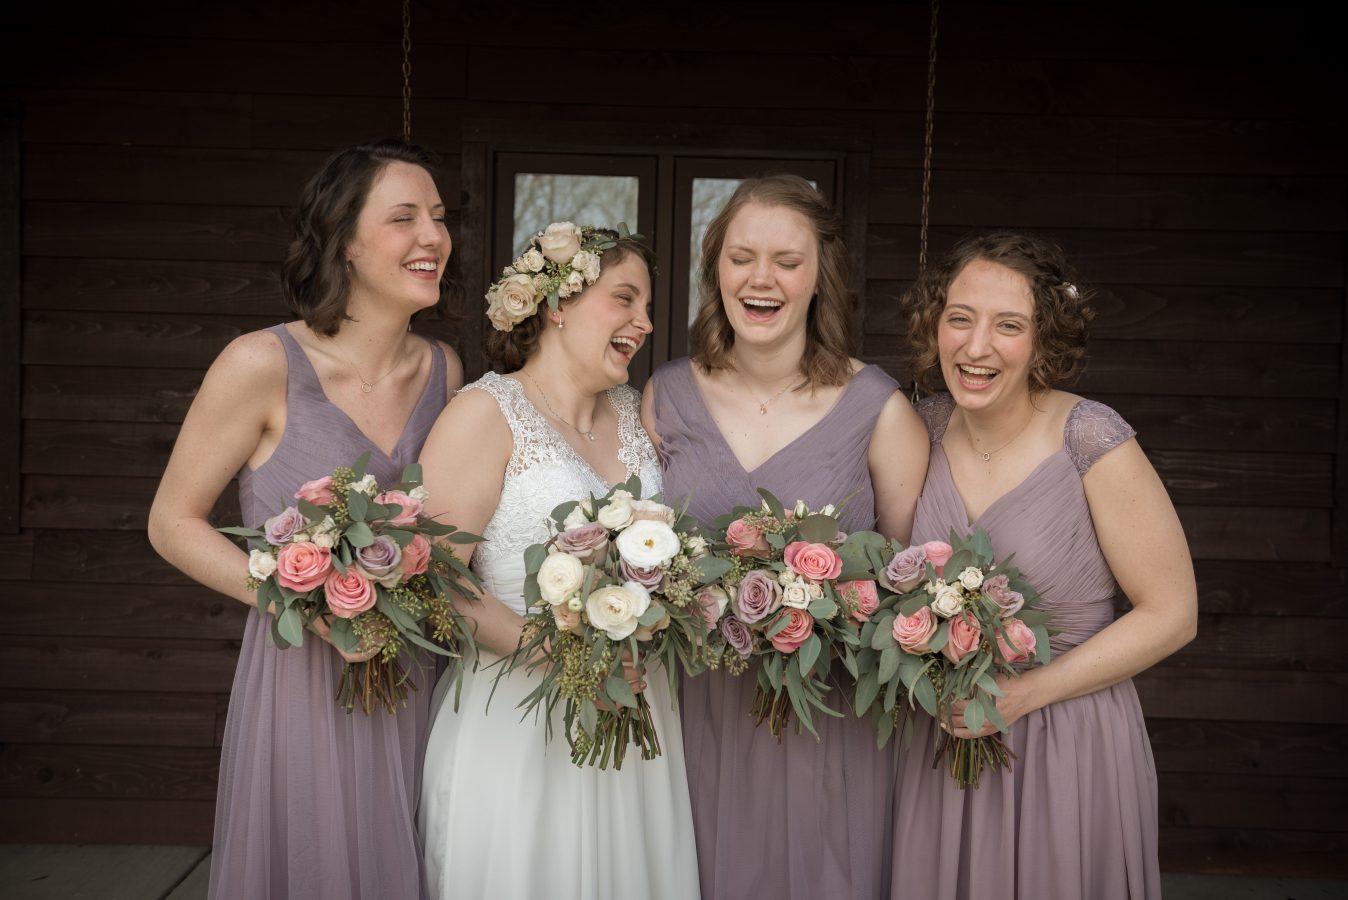 bond_web_wedding_Athens_Ohio_OH_lifestyle_documentary-14